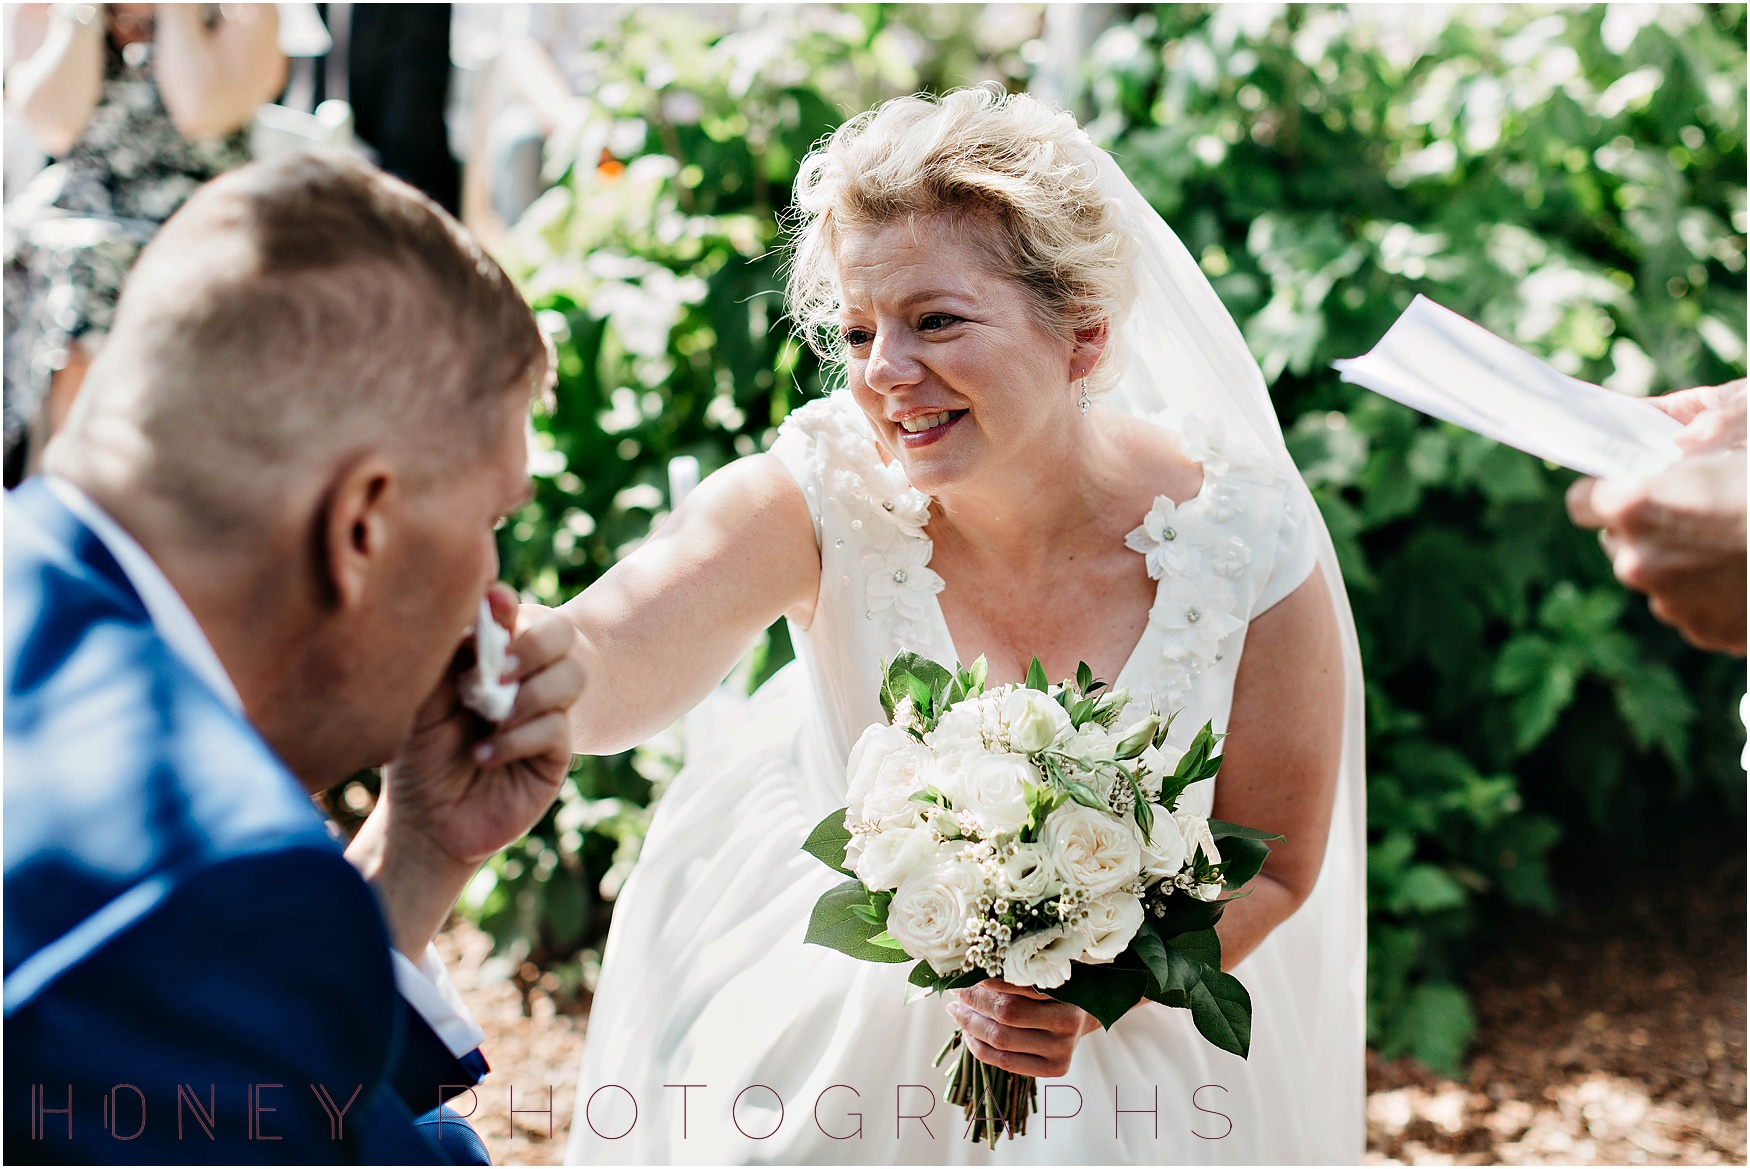 cambria-san-lois-obispo-wedding-garden-intimate25.jpg